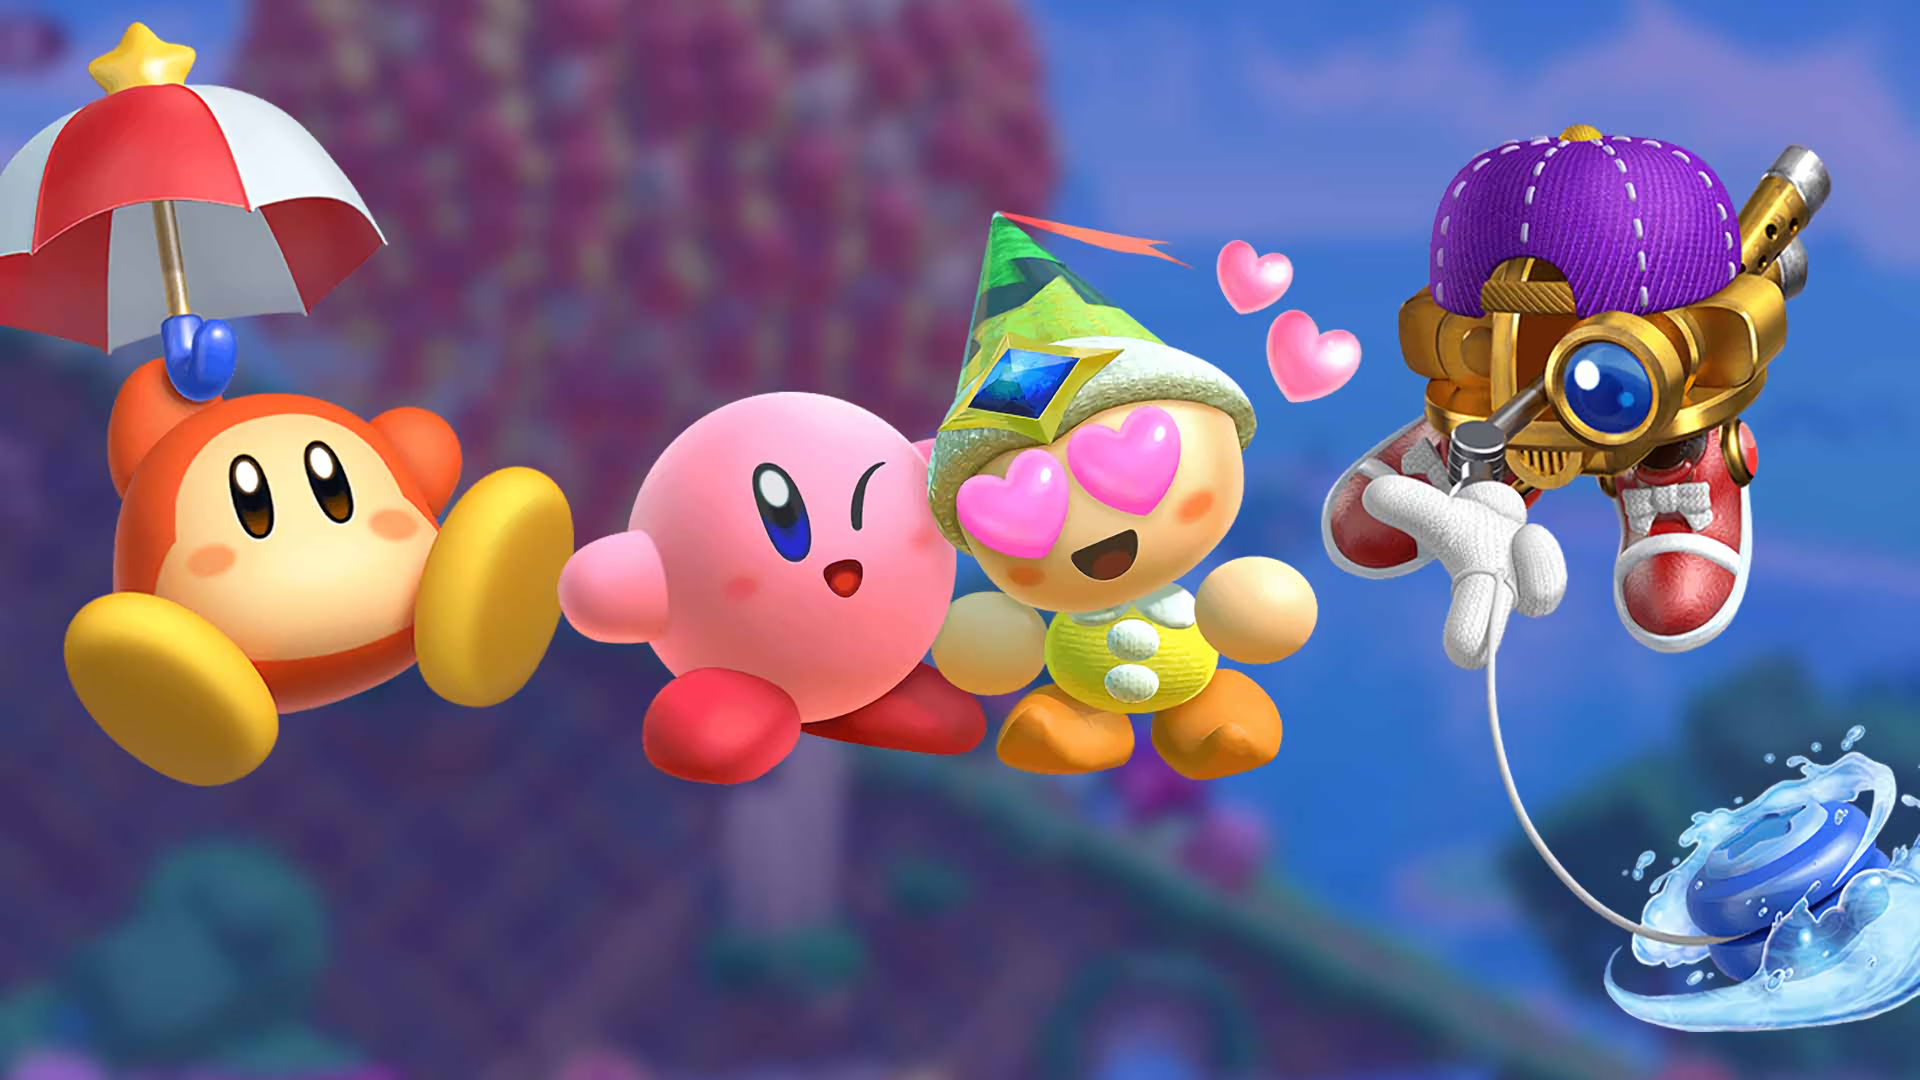 Pembe, Yumuşak, Sevimli; Kirby Geri Döndü!